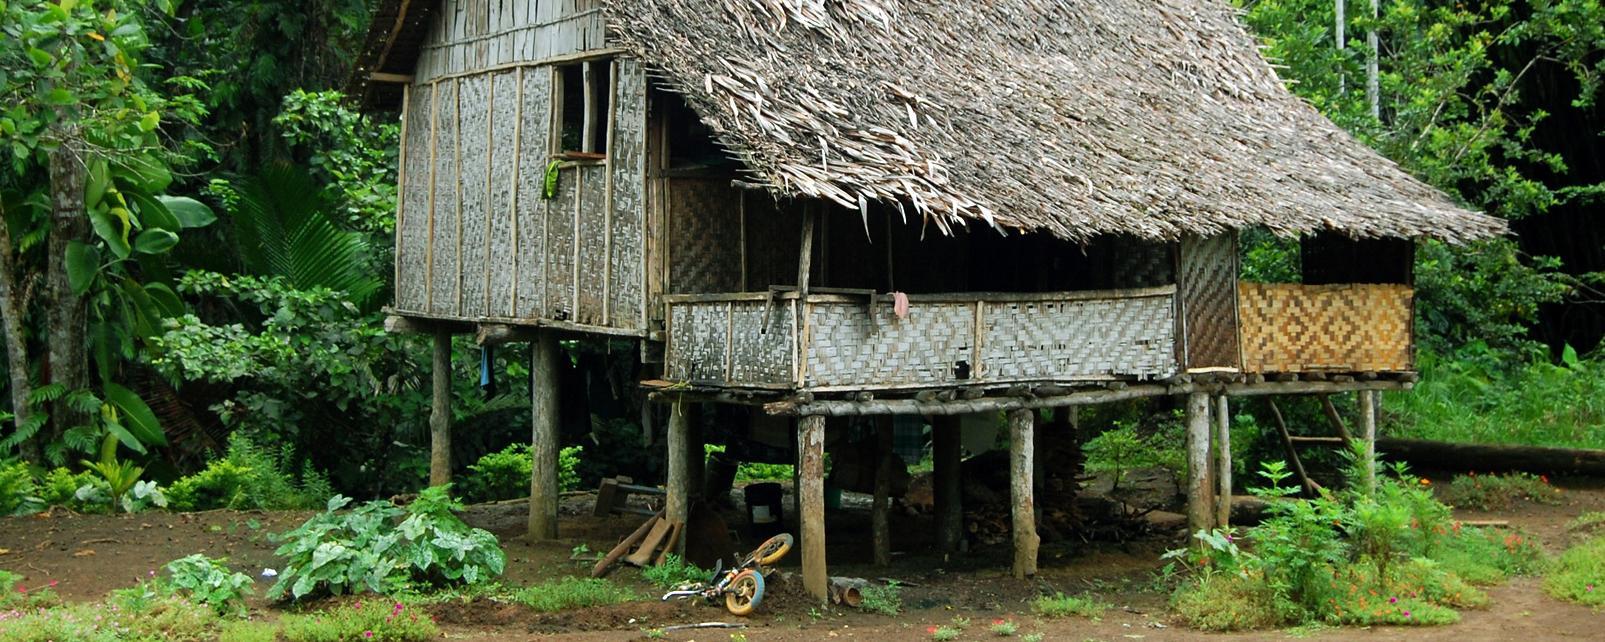 Océanie; Papouasie-Nouvelle-Guinée; Madang;